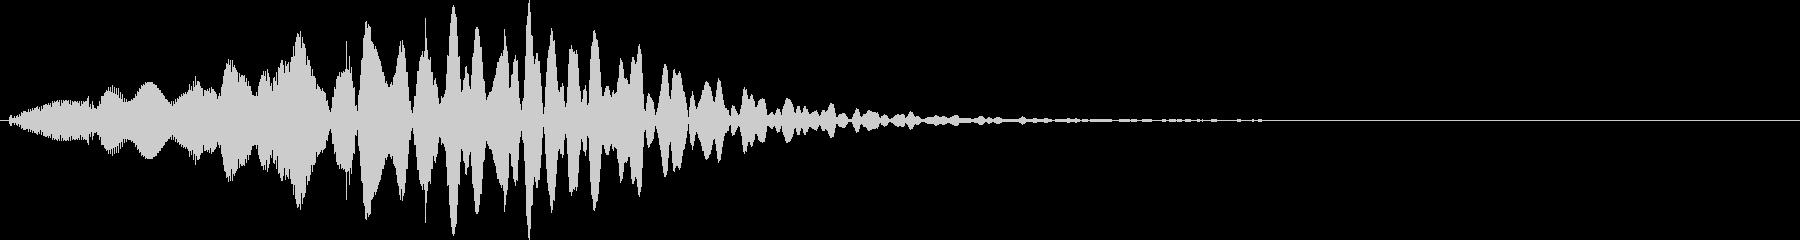 コナ○の有名野球ゲーム風のマリンバ転換音の未再生の波形